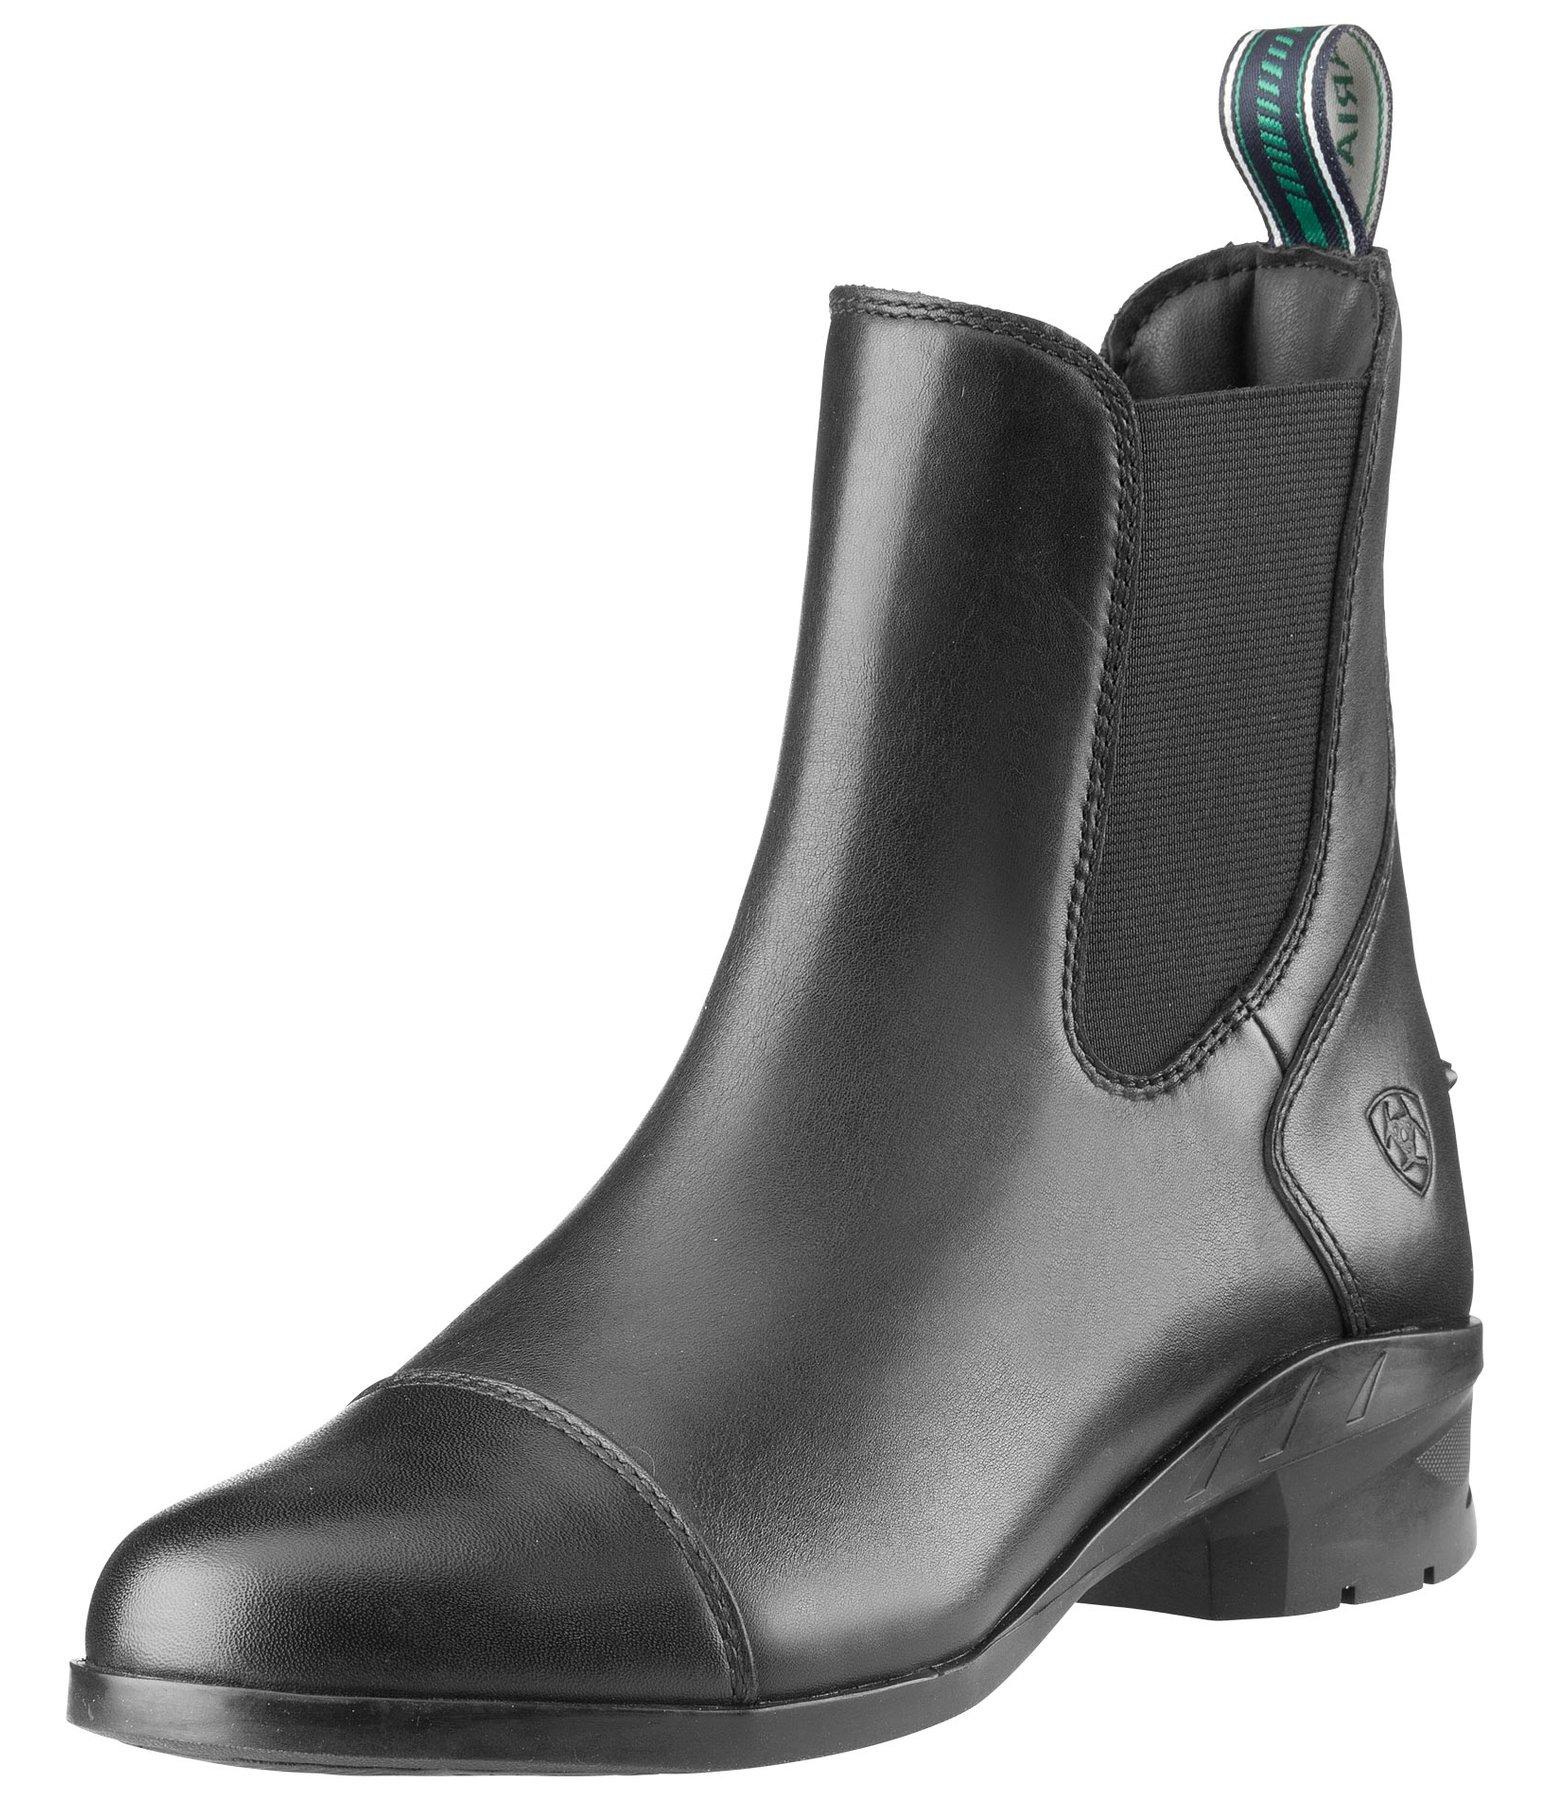 Women's Jodhpur Boots Heritage IV - Jodhpur Boots - Kramer Equestrian